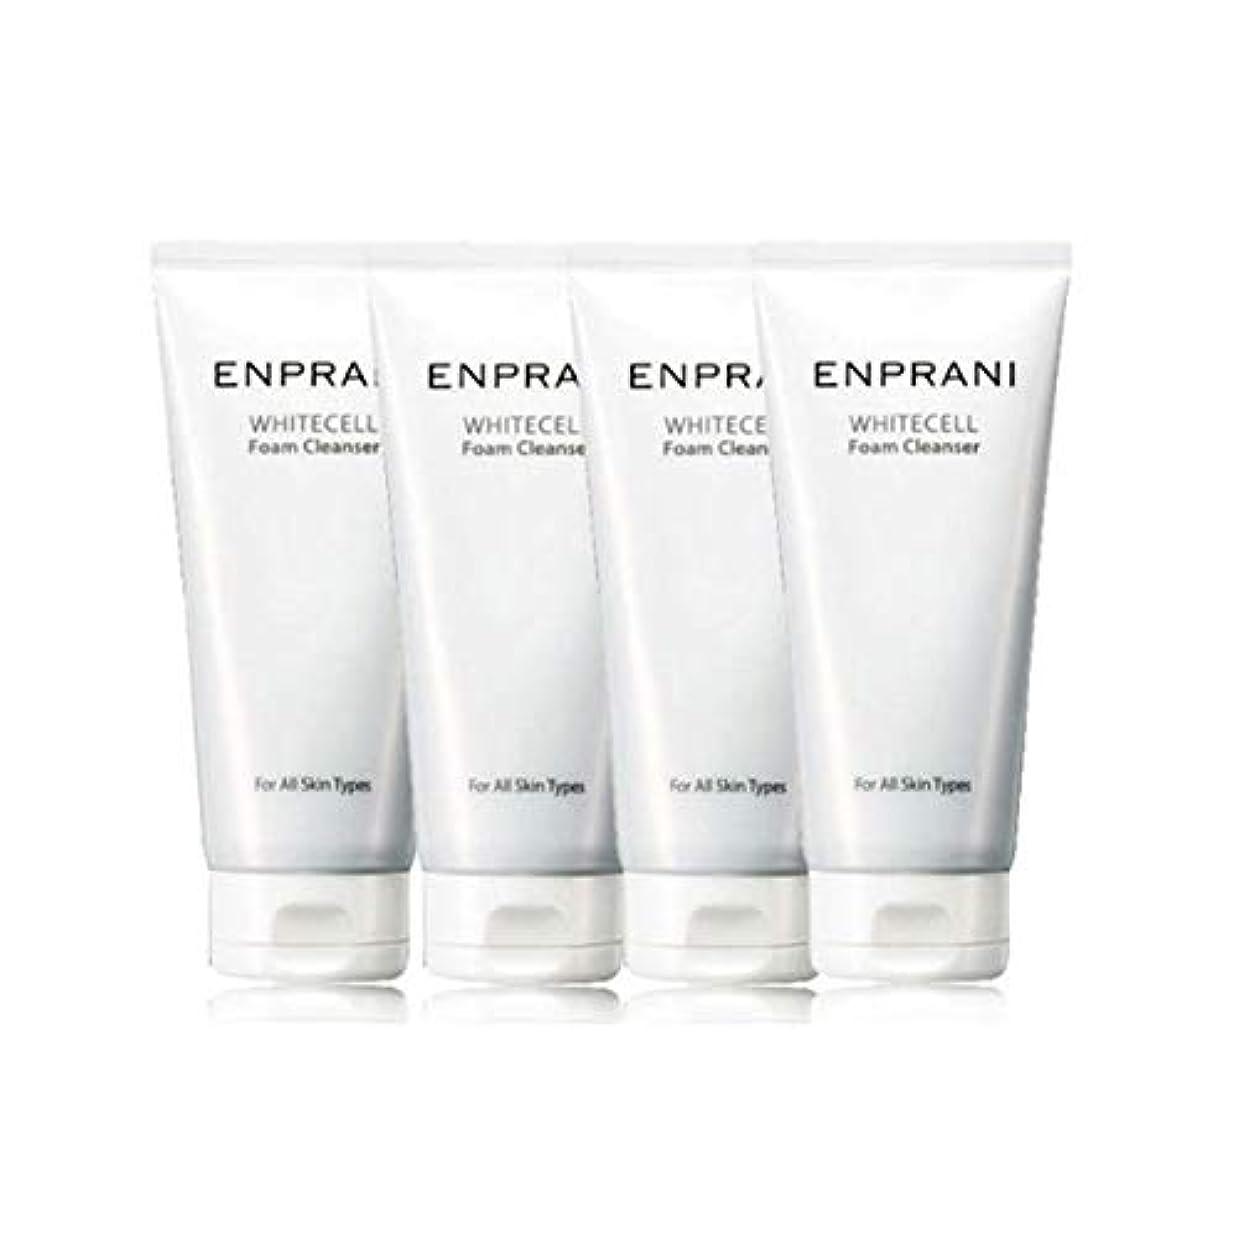 むしろ義務づける農村エンプラニホワイトセル、フォームクレンザー100mlx 4本セット毛穴洗浄 皮膚管理、Enprani White Cell Foam Cleanser 100mlx 4ea Set Pore Cleaning Skin...